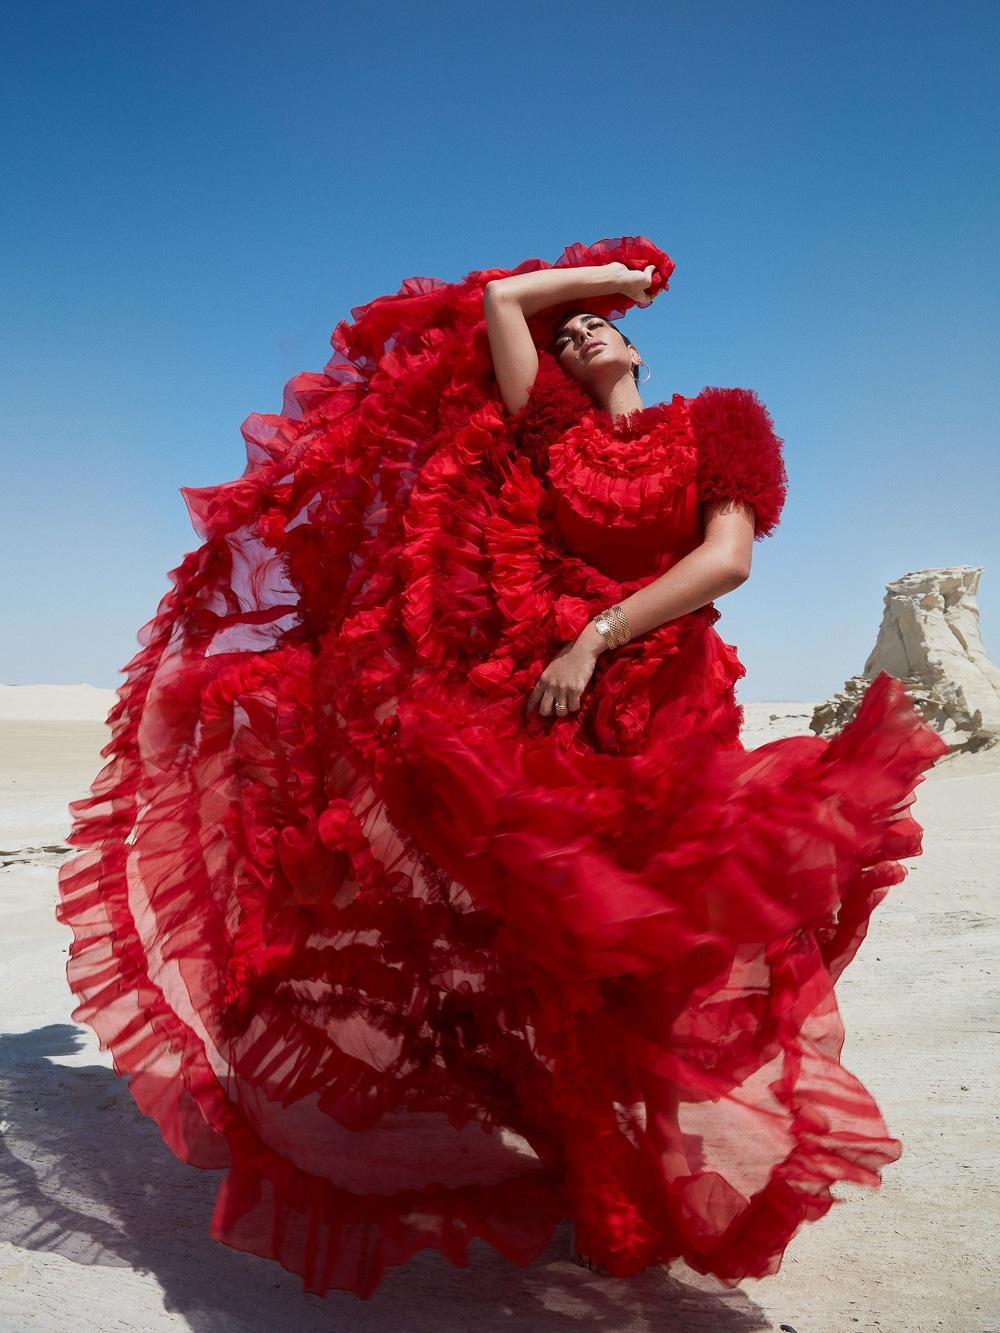 Greg-Swales-Harpers-Bazaar-Arabia-Yasmine-Sabri-3-1.jpg